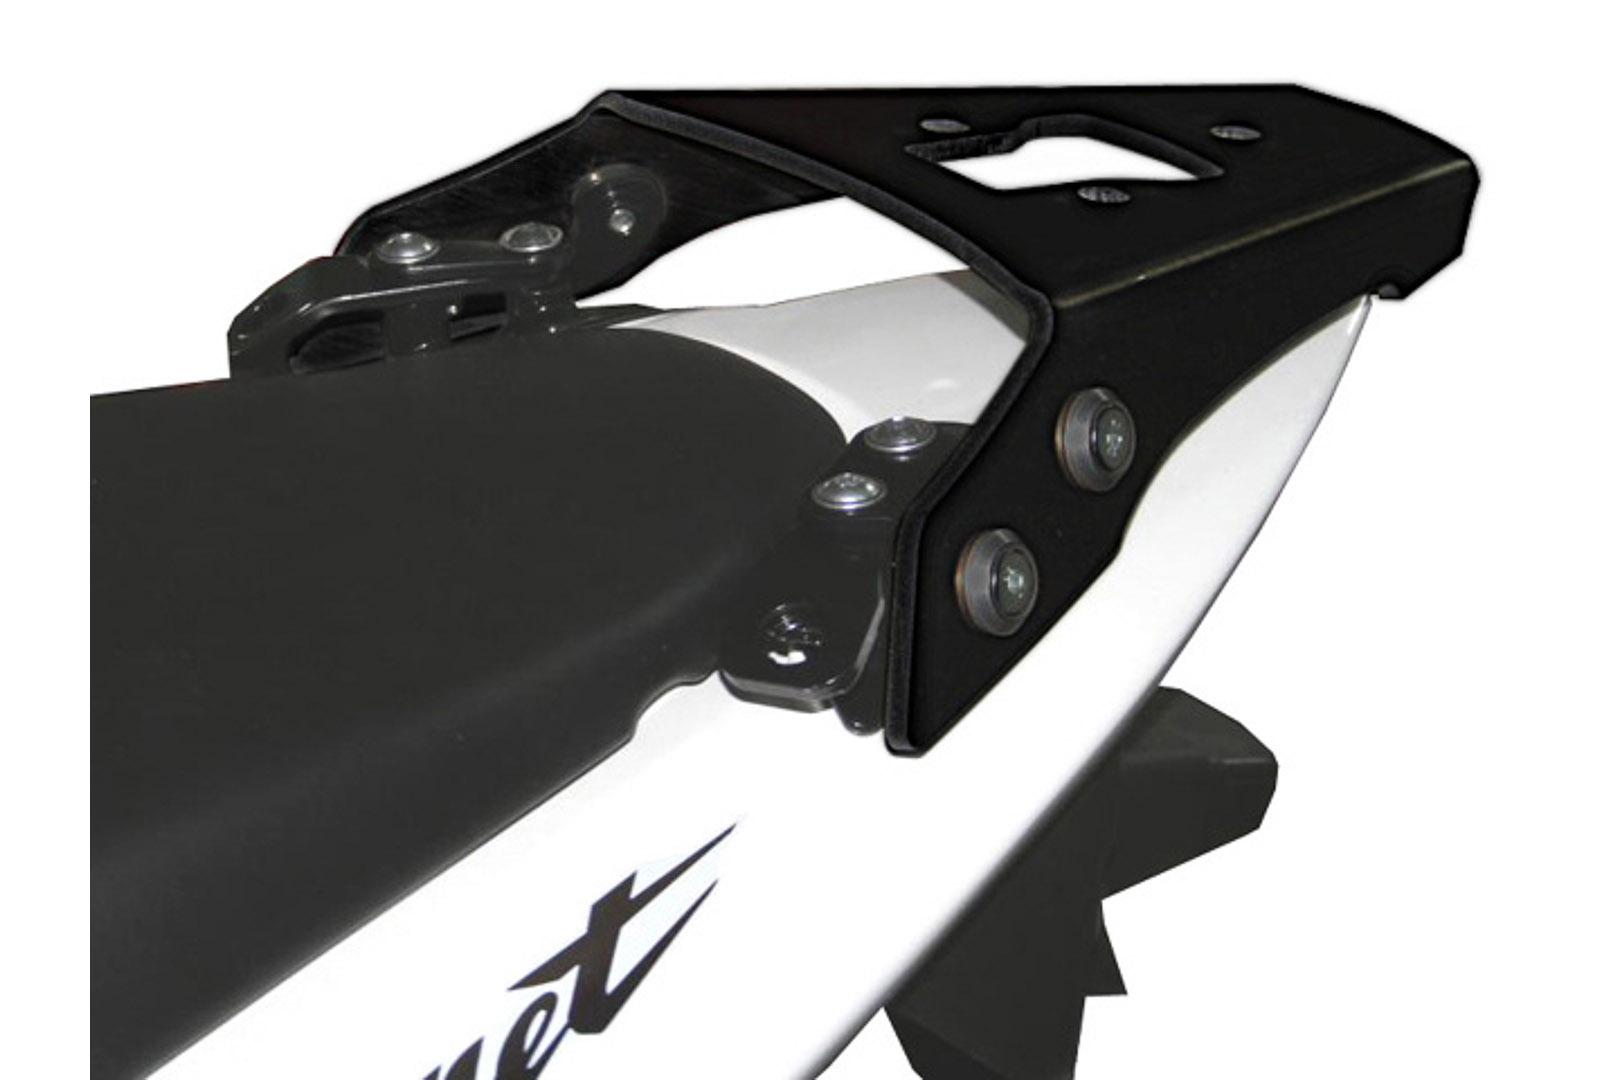 SW-Motech Alu-Rack peräteline Honda CB600 Hornet 98-06 musta